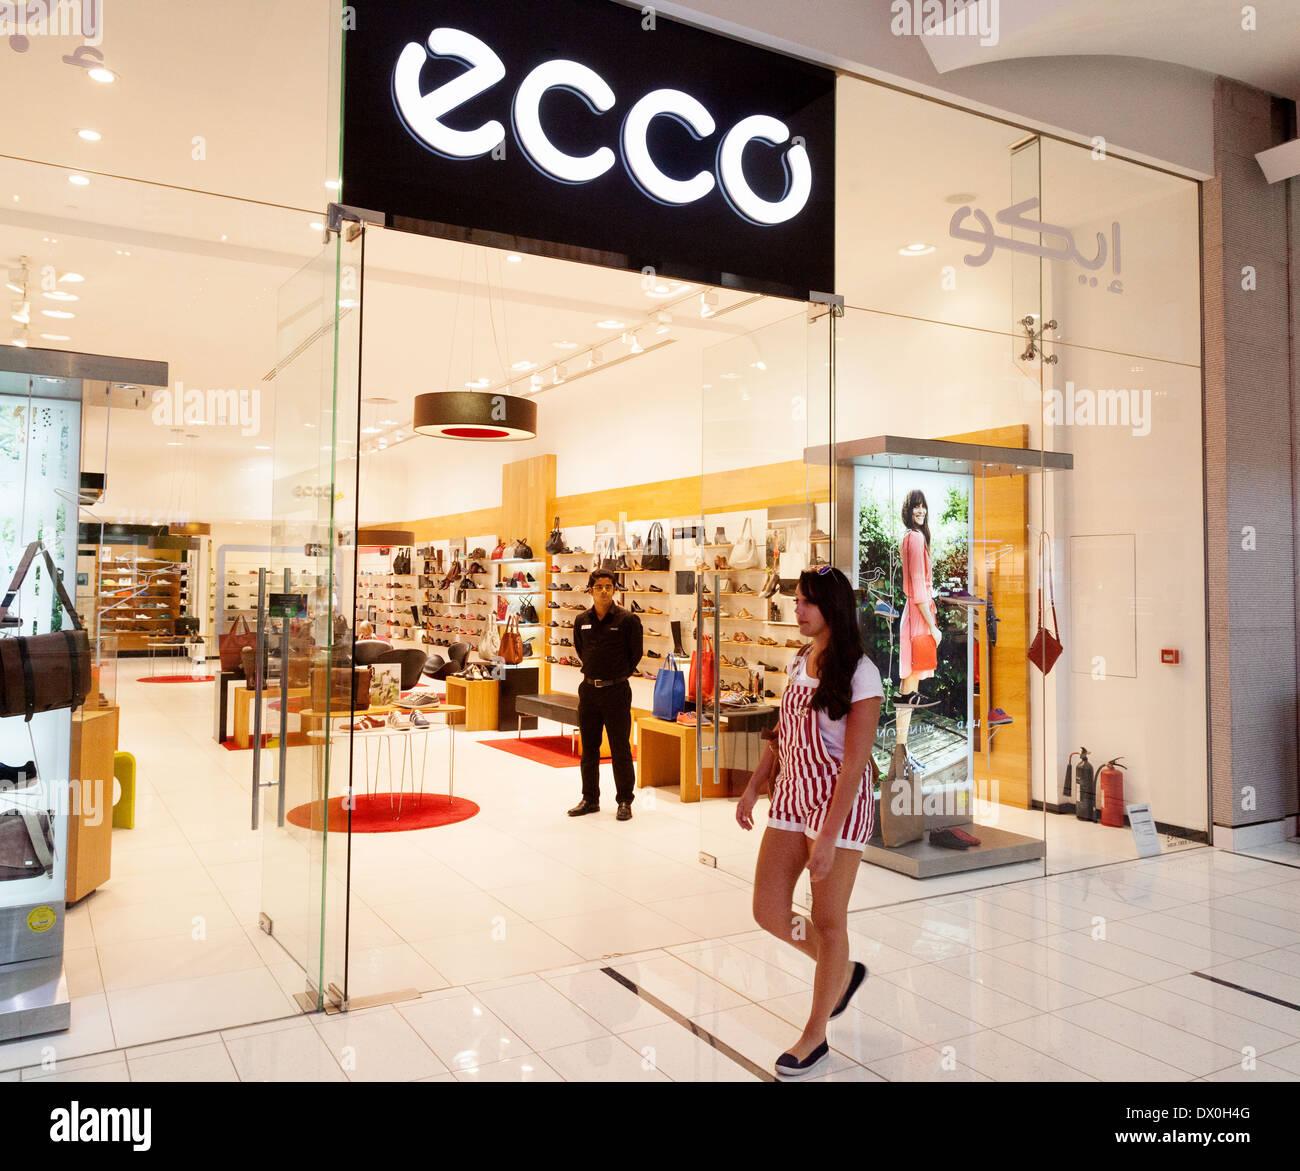 Scarpe NegozioCentro Commerciale DubaiEmirati Ecco Le Di fYb7vI6gy